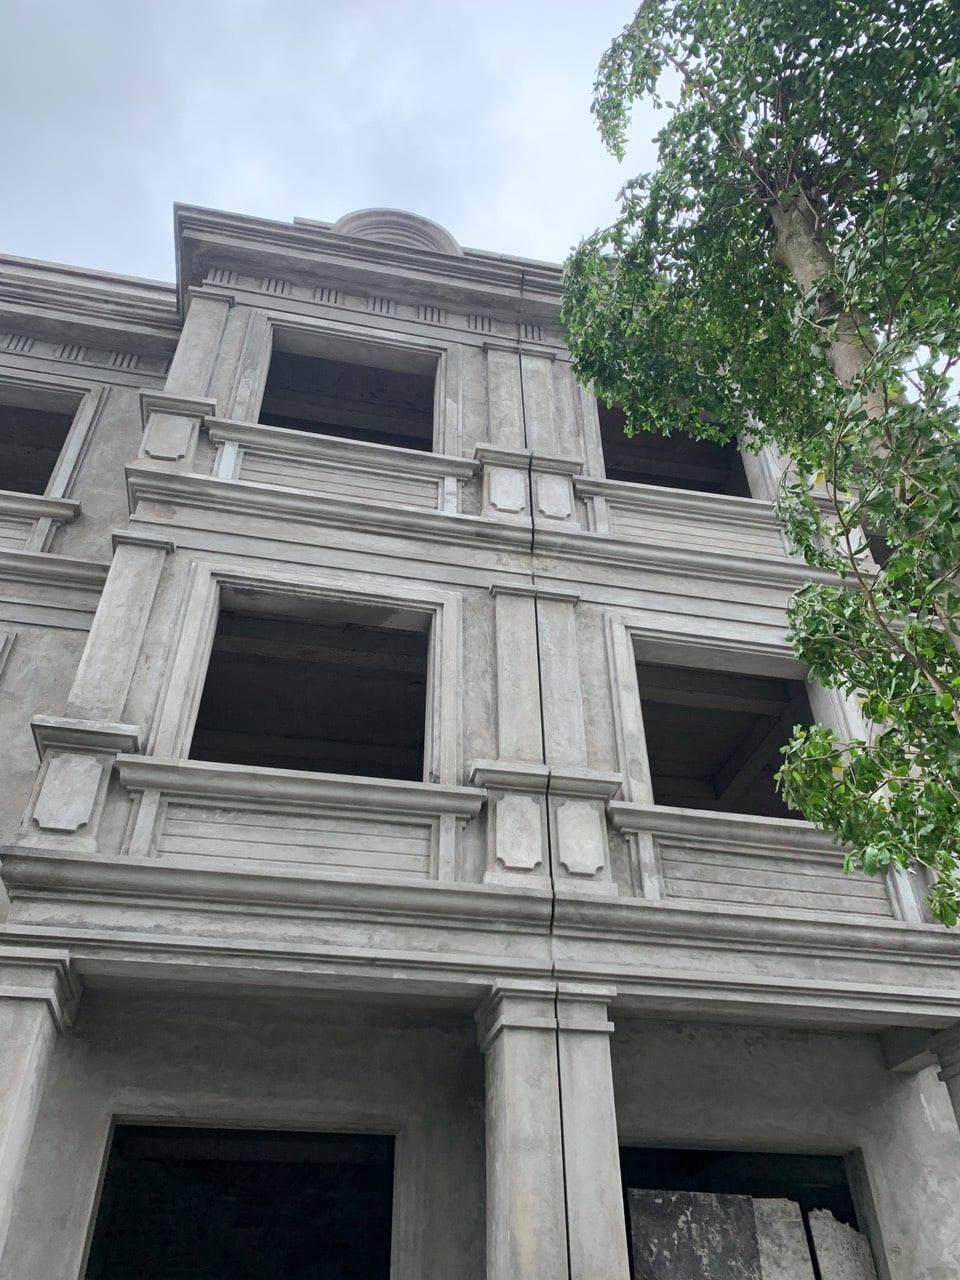 Khe lún giữa 2 khối nhà